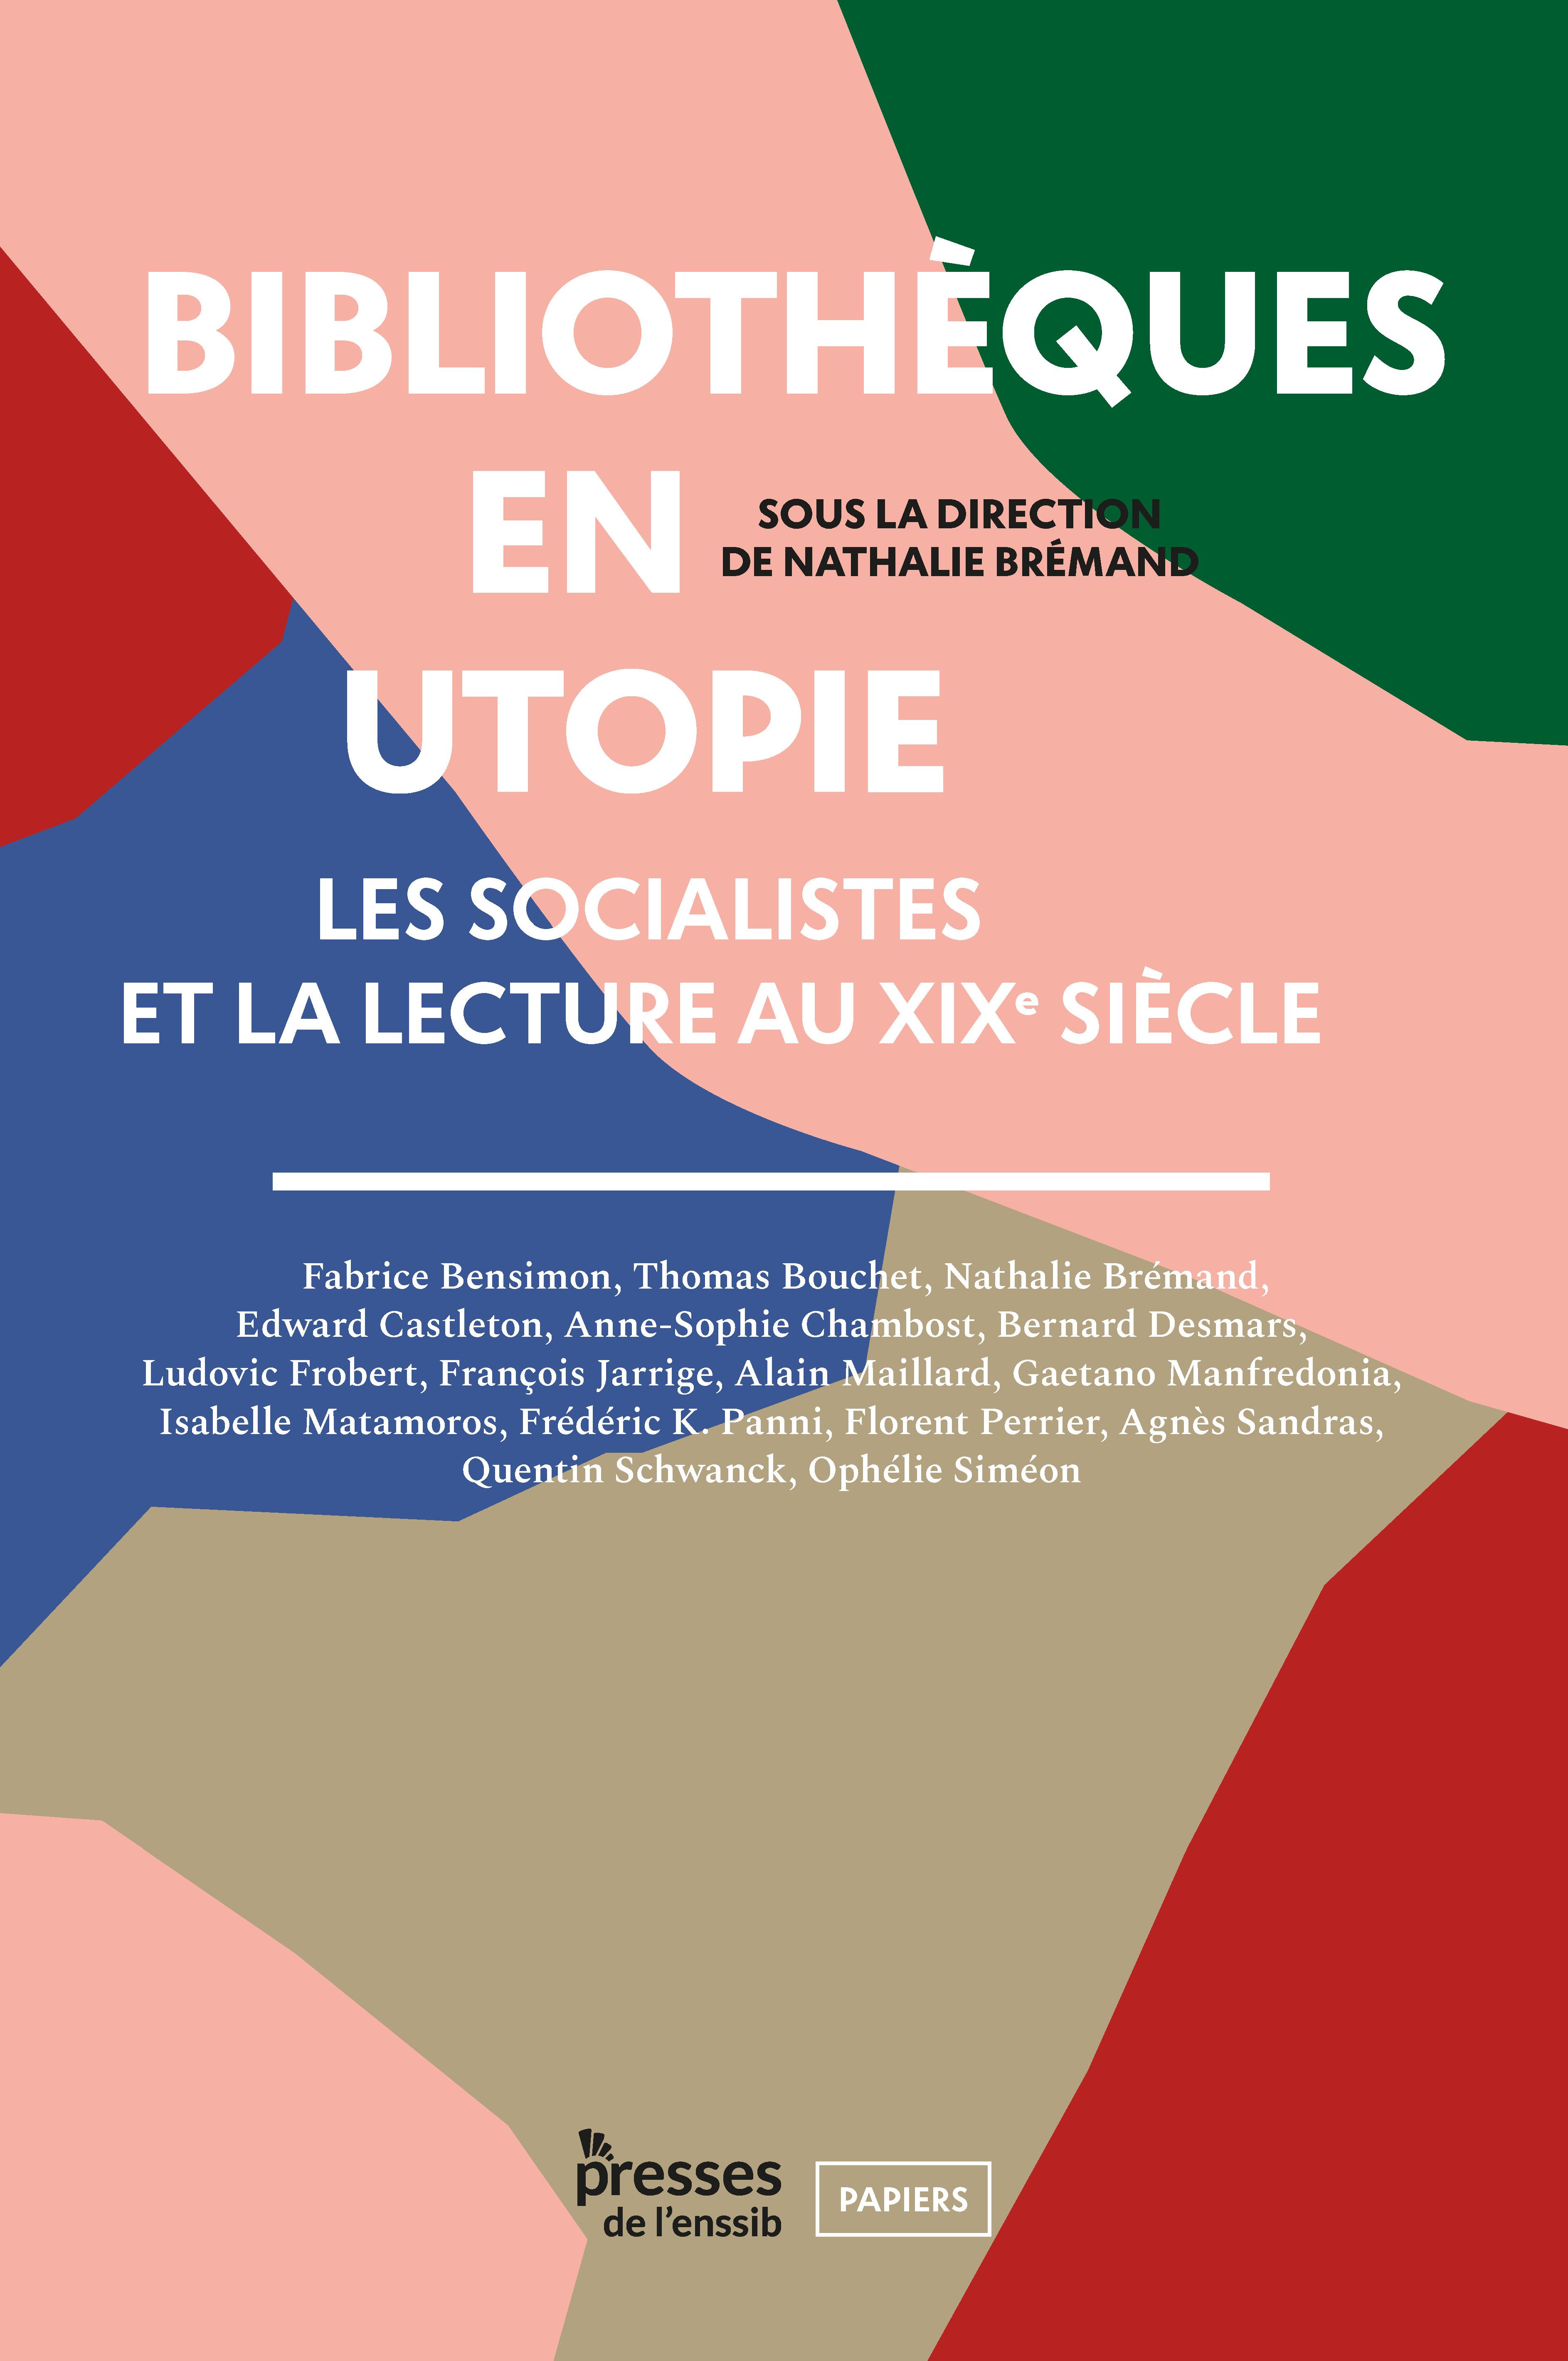 N. Brémand (dir), Bibliothèques en utopie. Les socialistes et la lecture au XIXe siècle